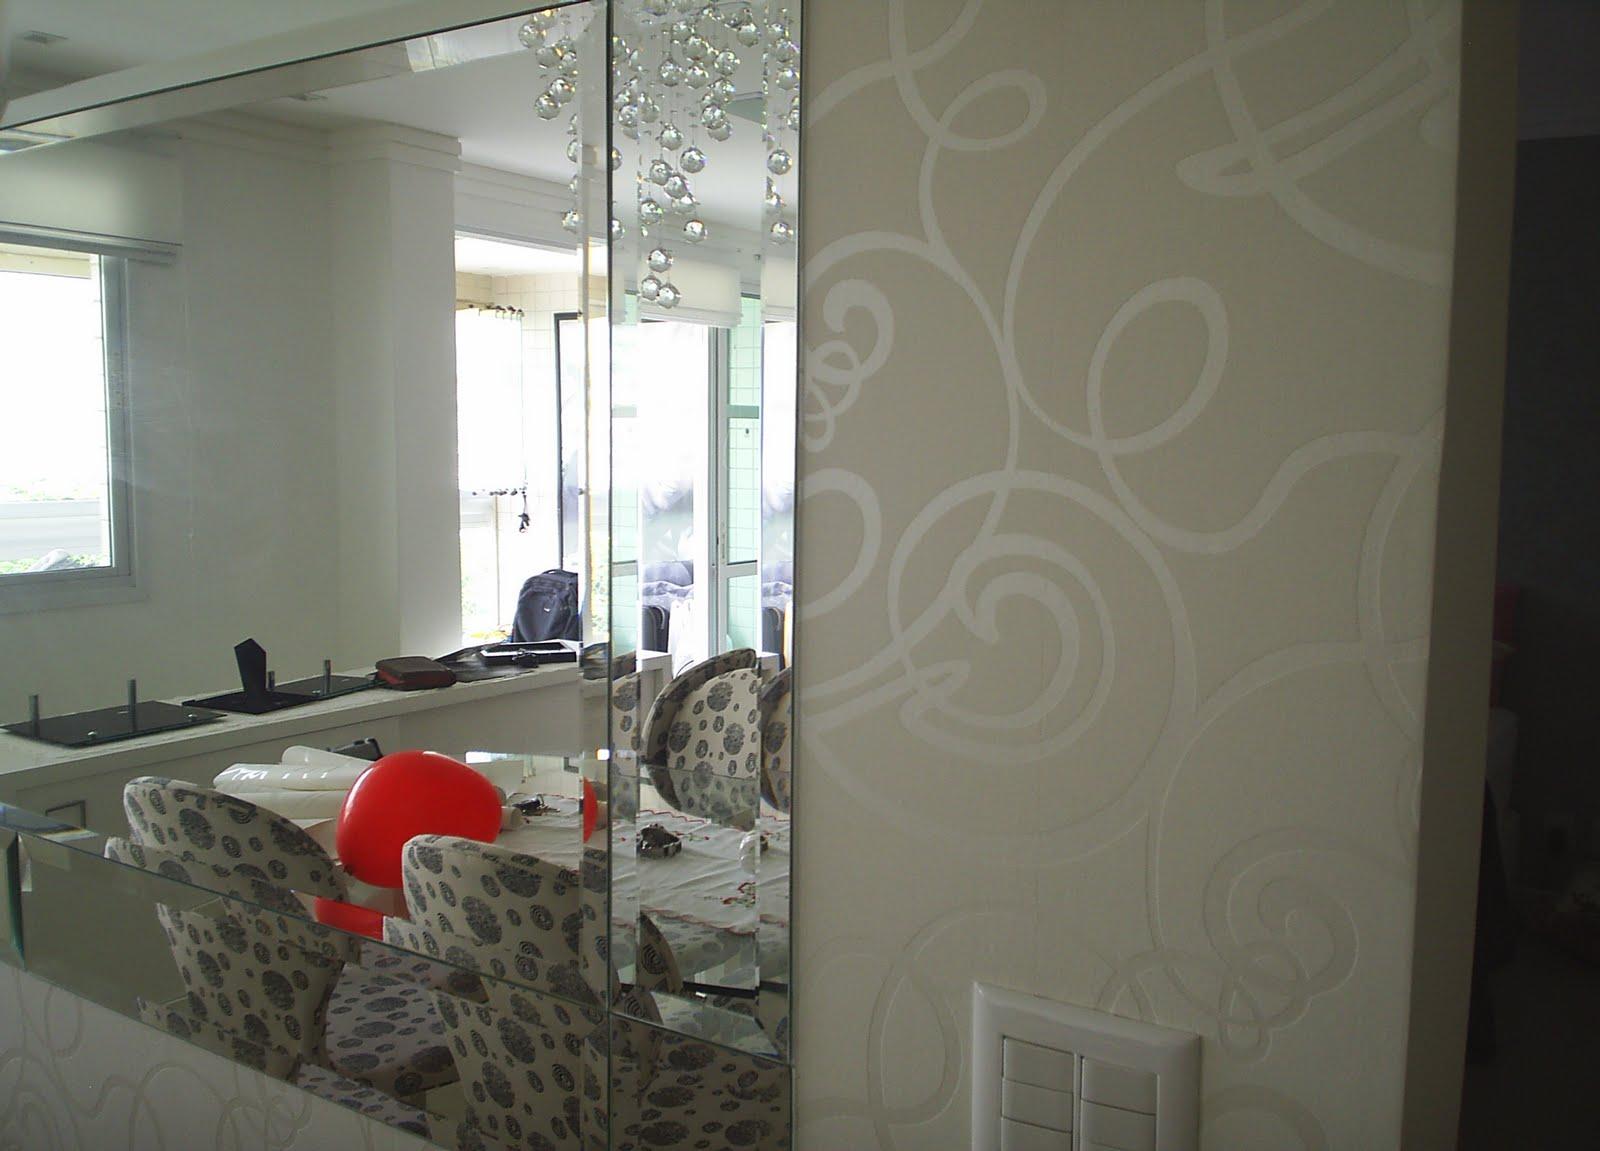 Jacques papel de parede sala de jantar - Papel vinilico para paredes ...